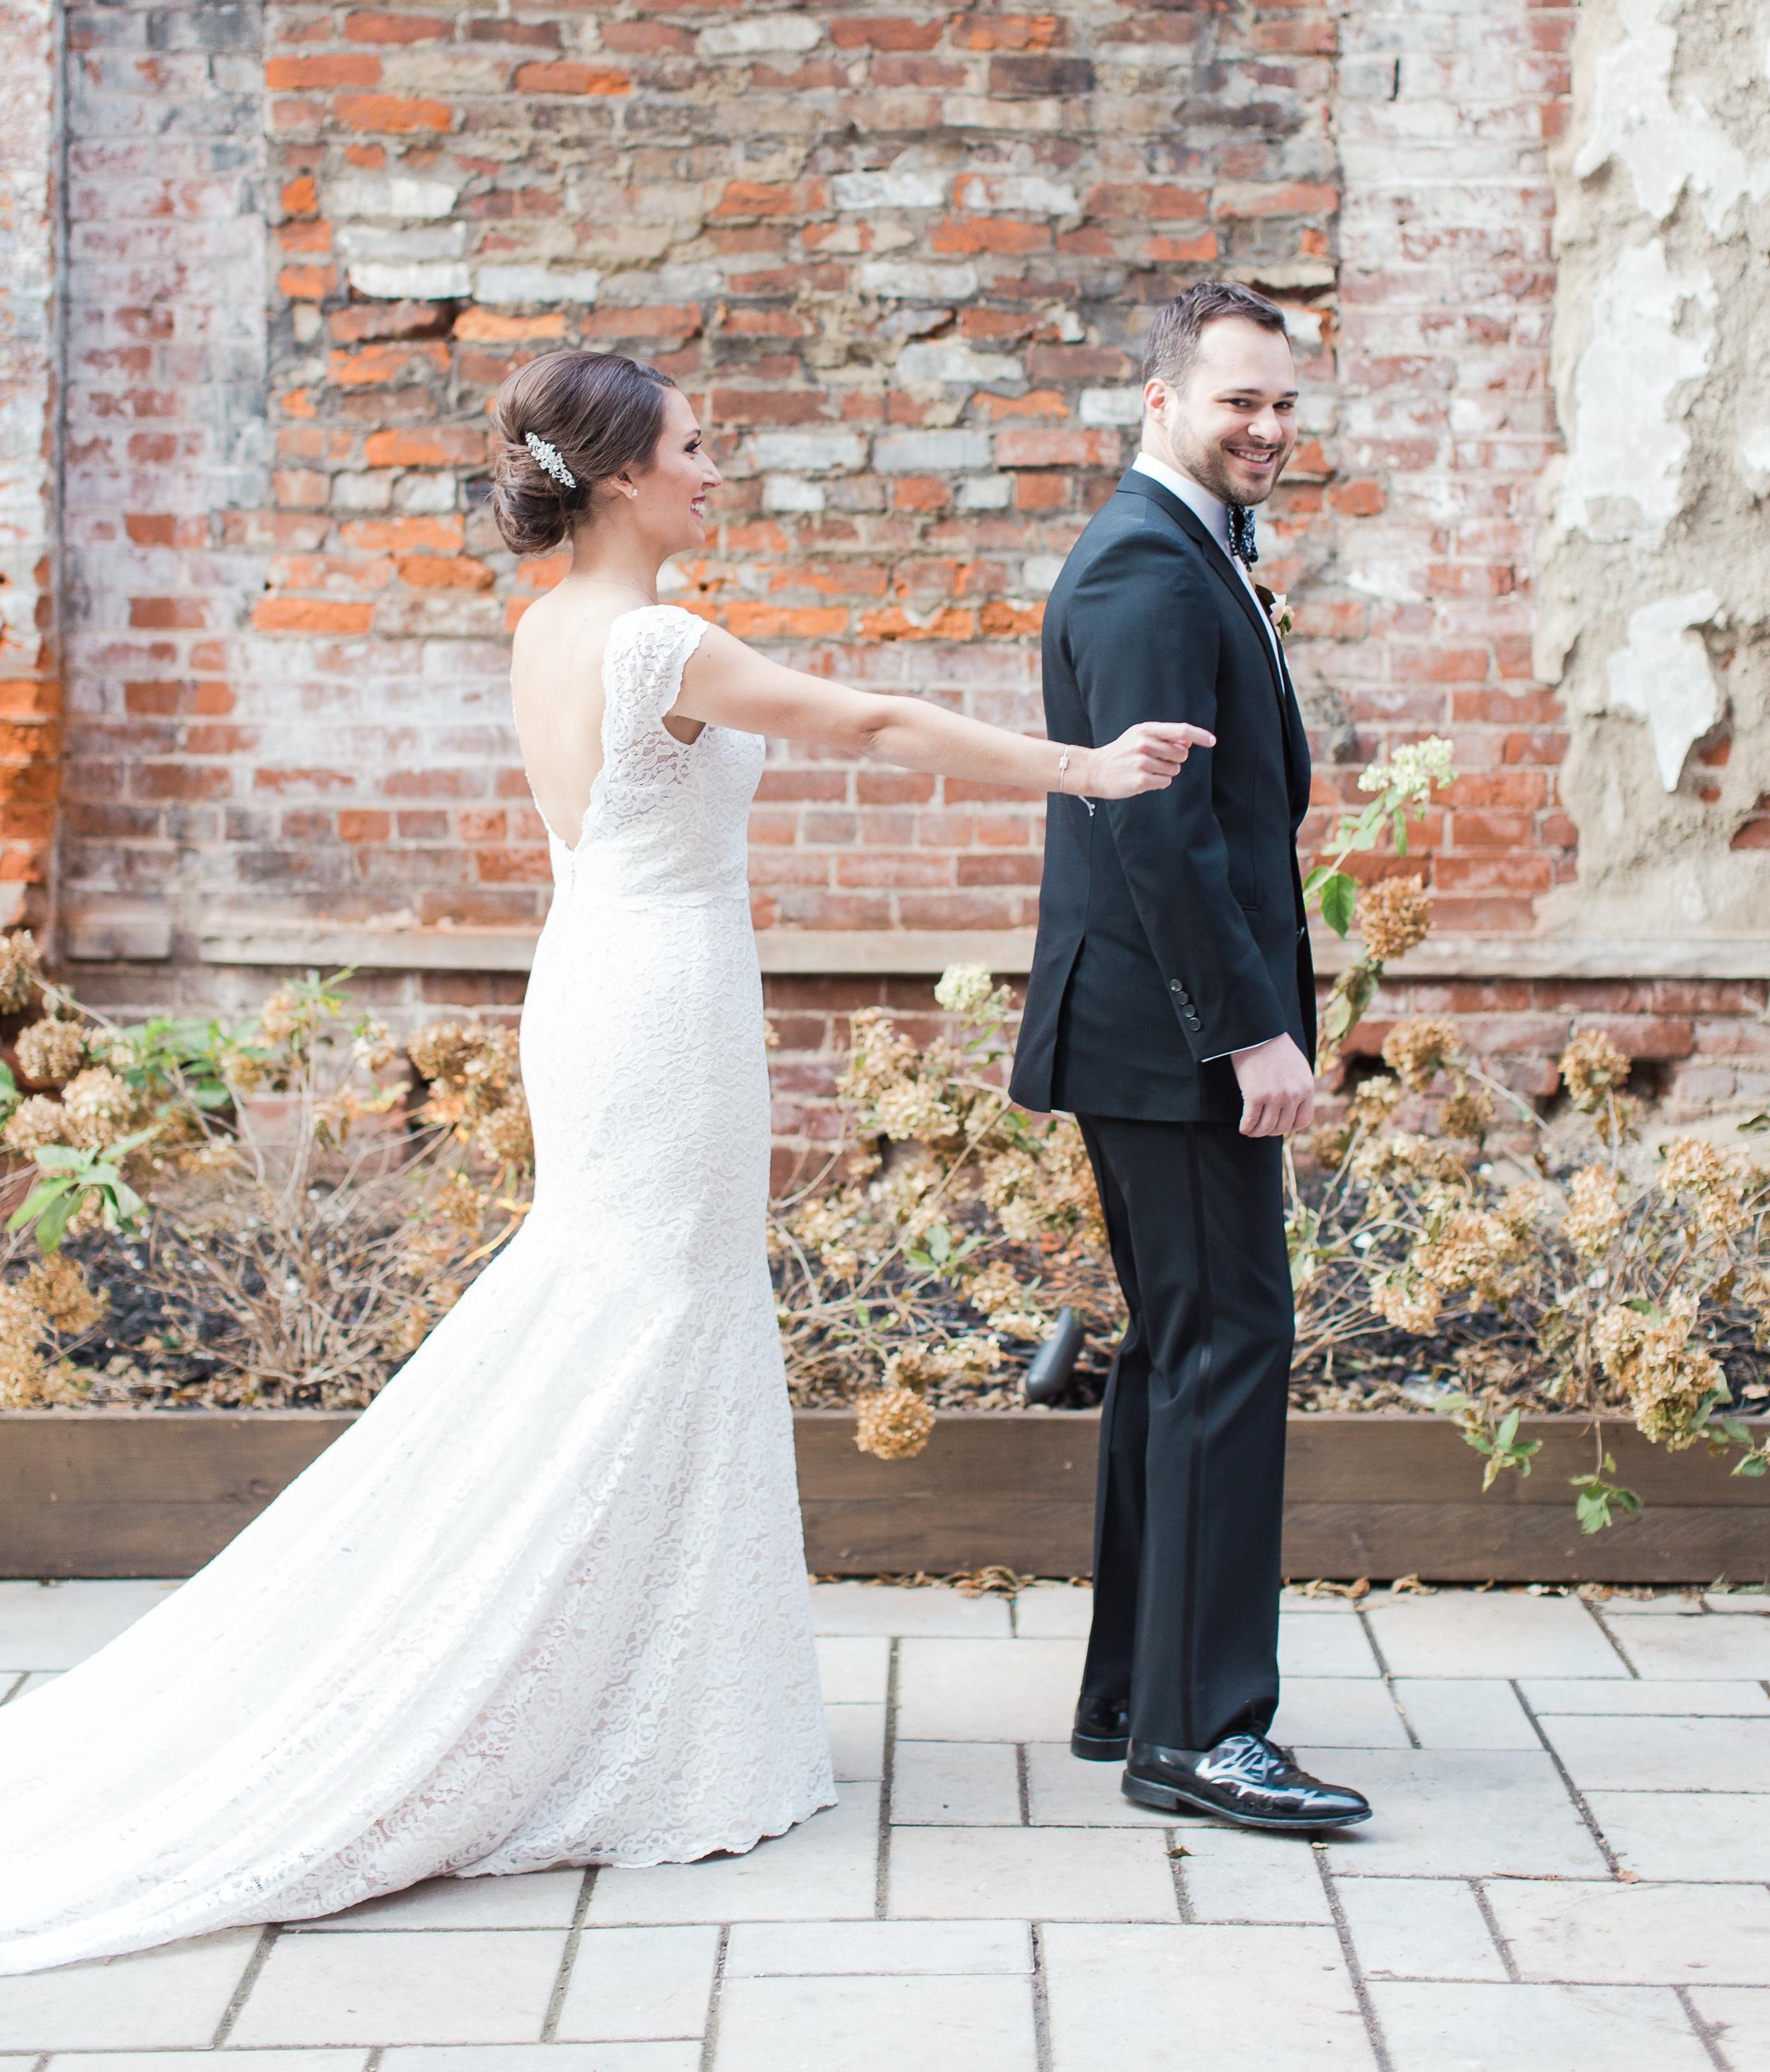 cincinnati-wedding-venue-bride-groom-first-look-reveal.JPG